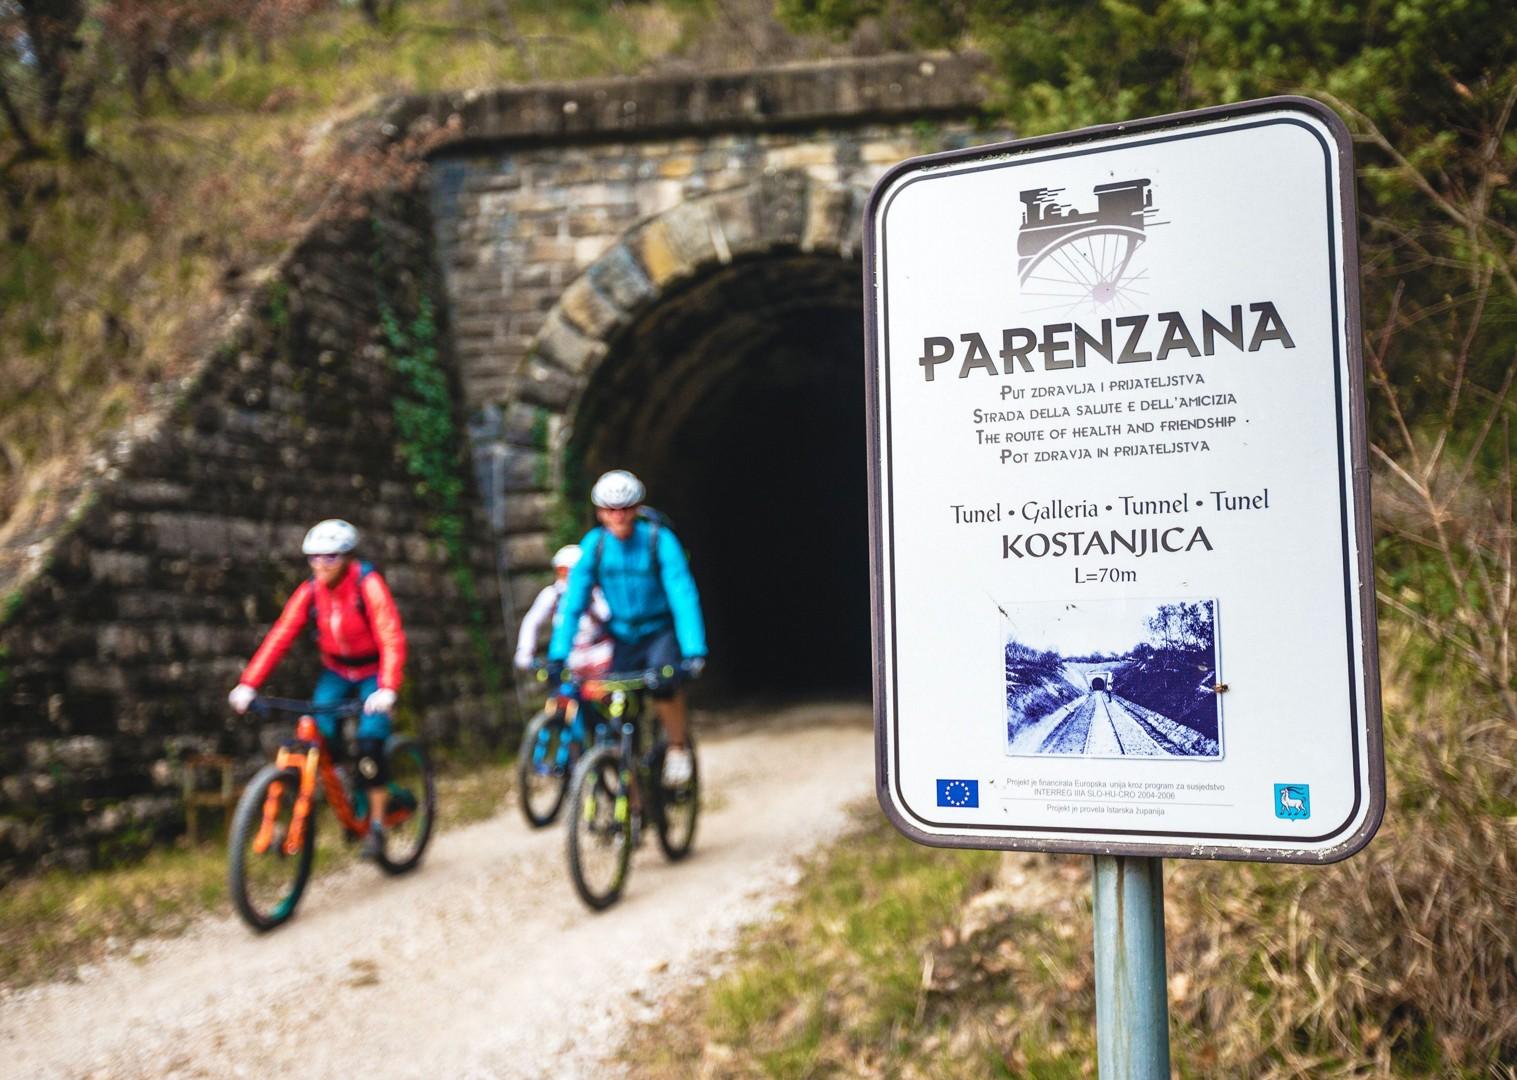 parenzana-electric-mountain-biking-holiday-in-croatia-terra-magica-skedaddle.jpg - NEW! Croatia - Terra Magica - eMTB - Mountain Biking